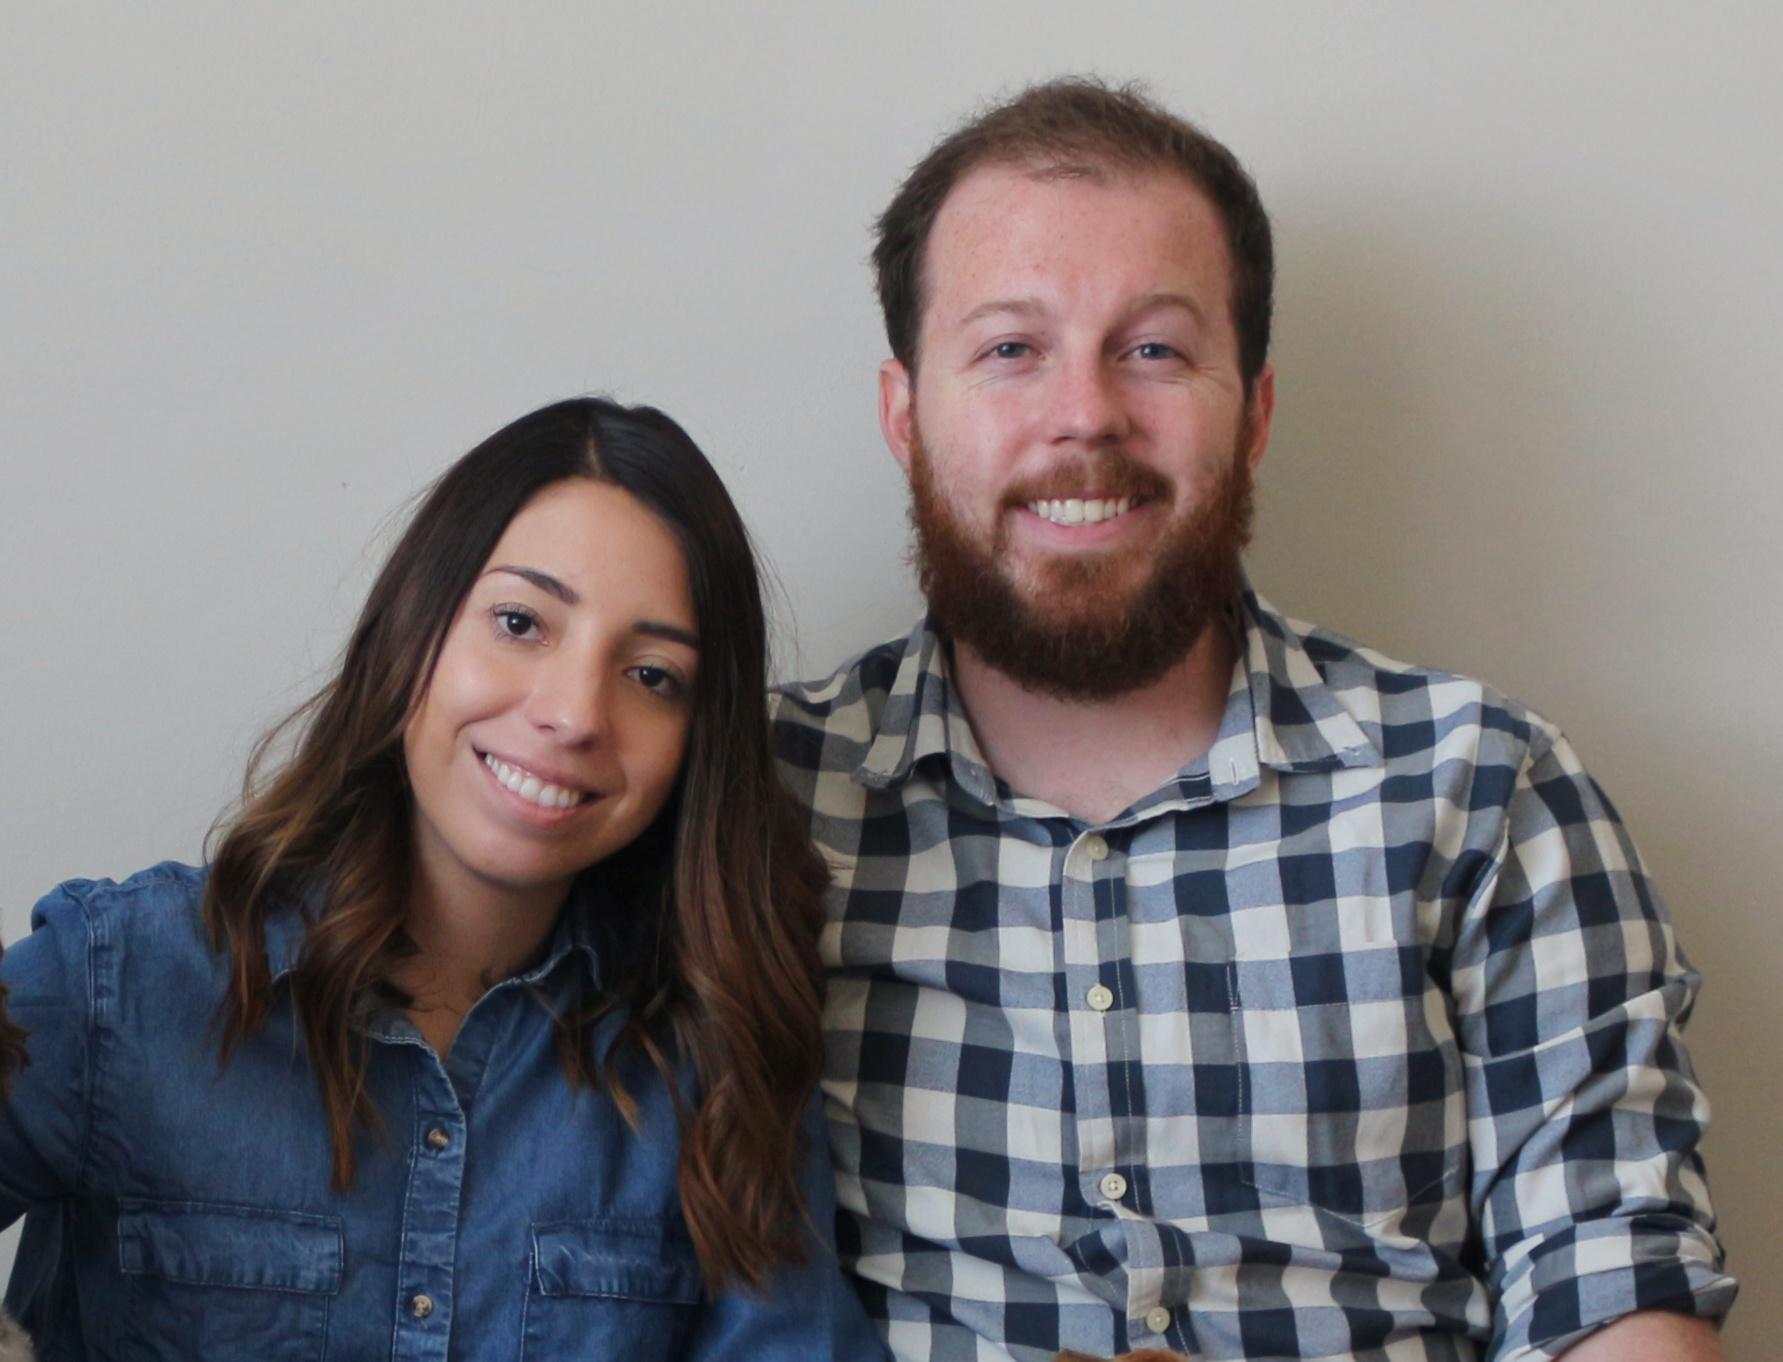 Sheila and Matt Long (Salt Lake City, UT)